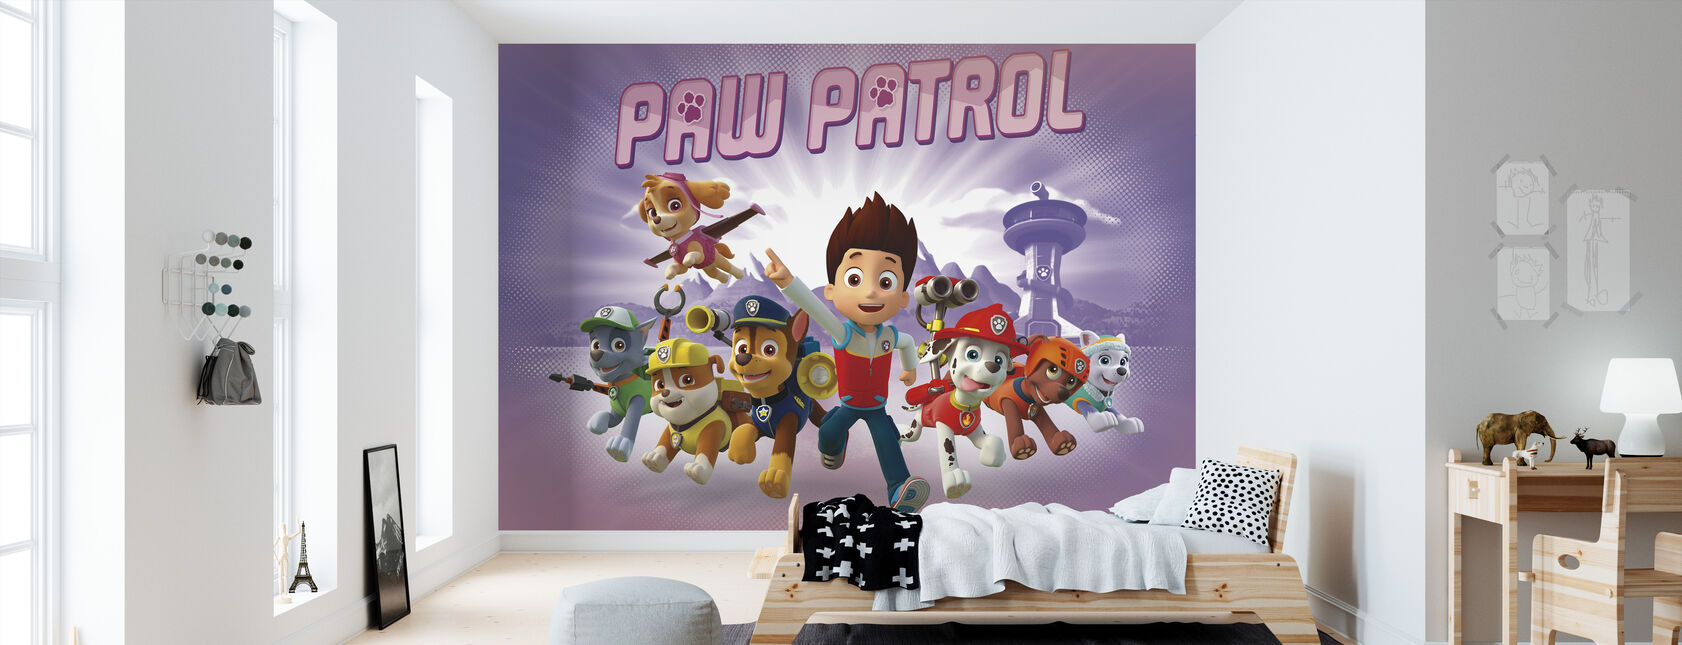 PAW Patrol - Paw Patrol ist auf einer Rolle - Lila - Tapete - Kinderzimmer